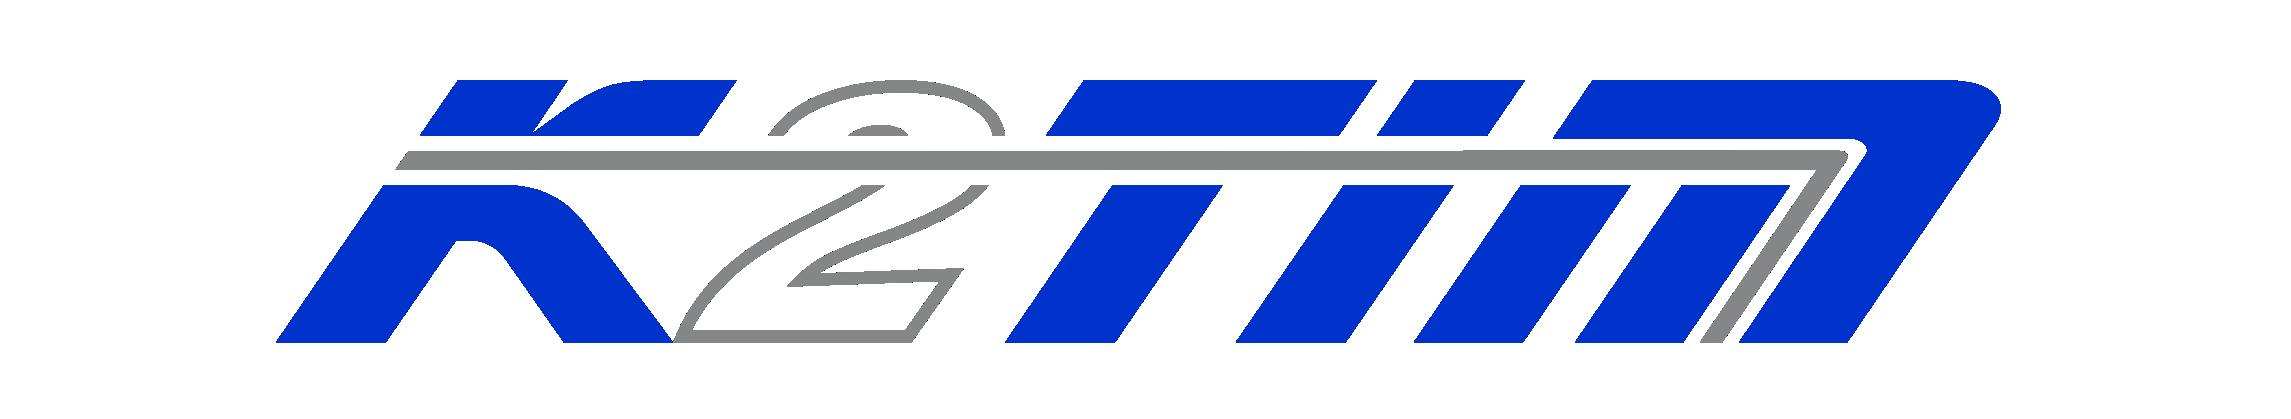 K2-TIM logo